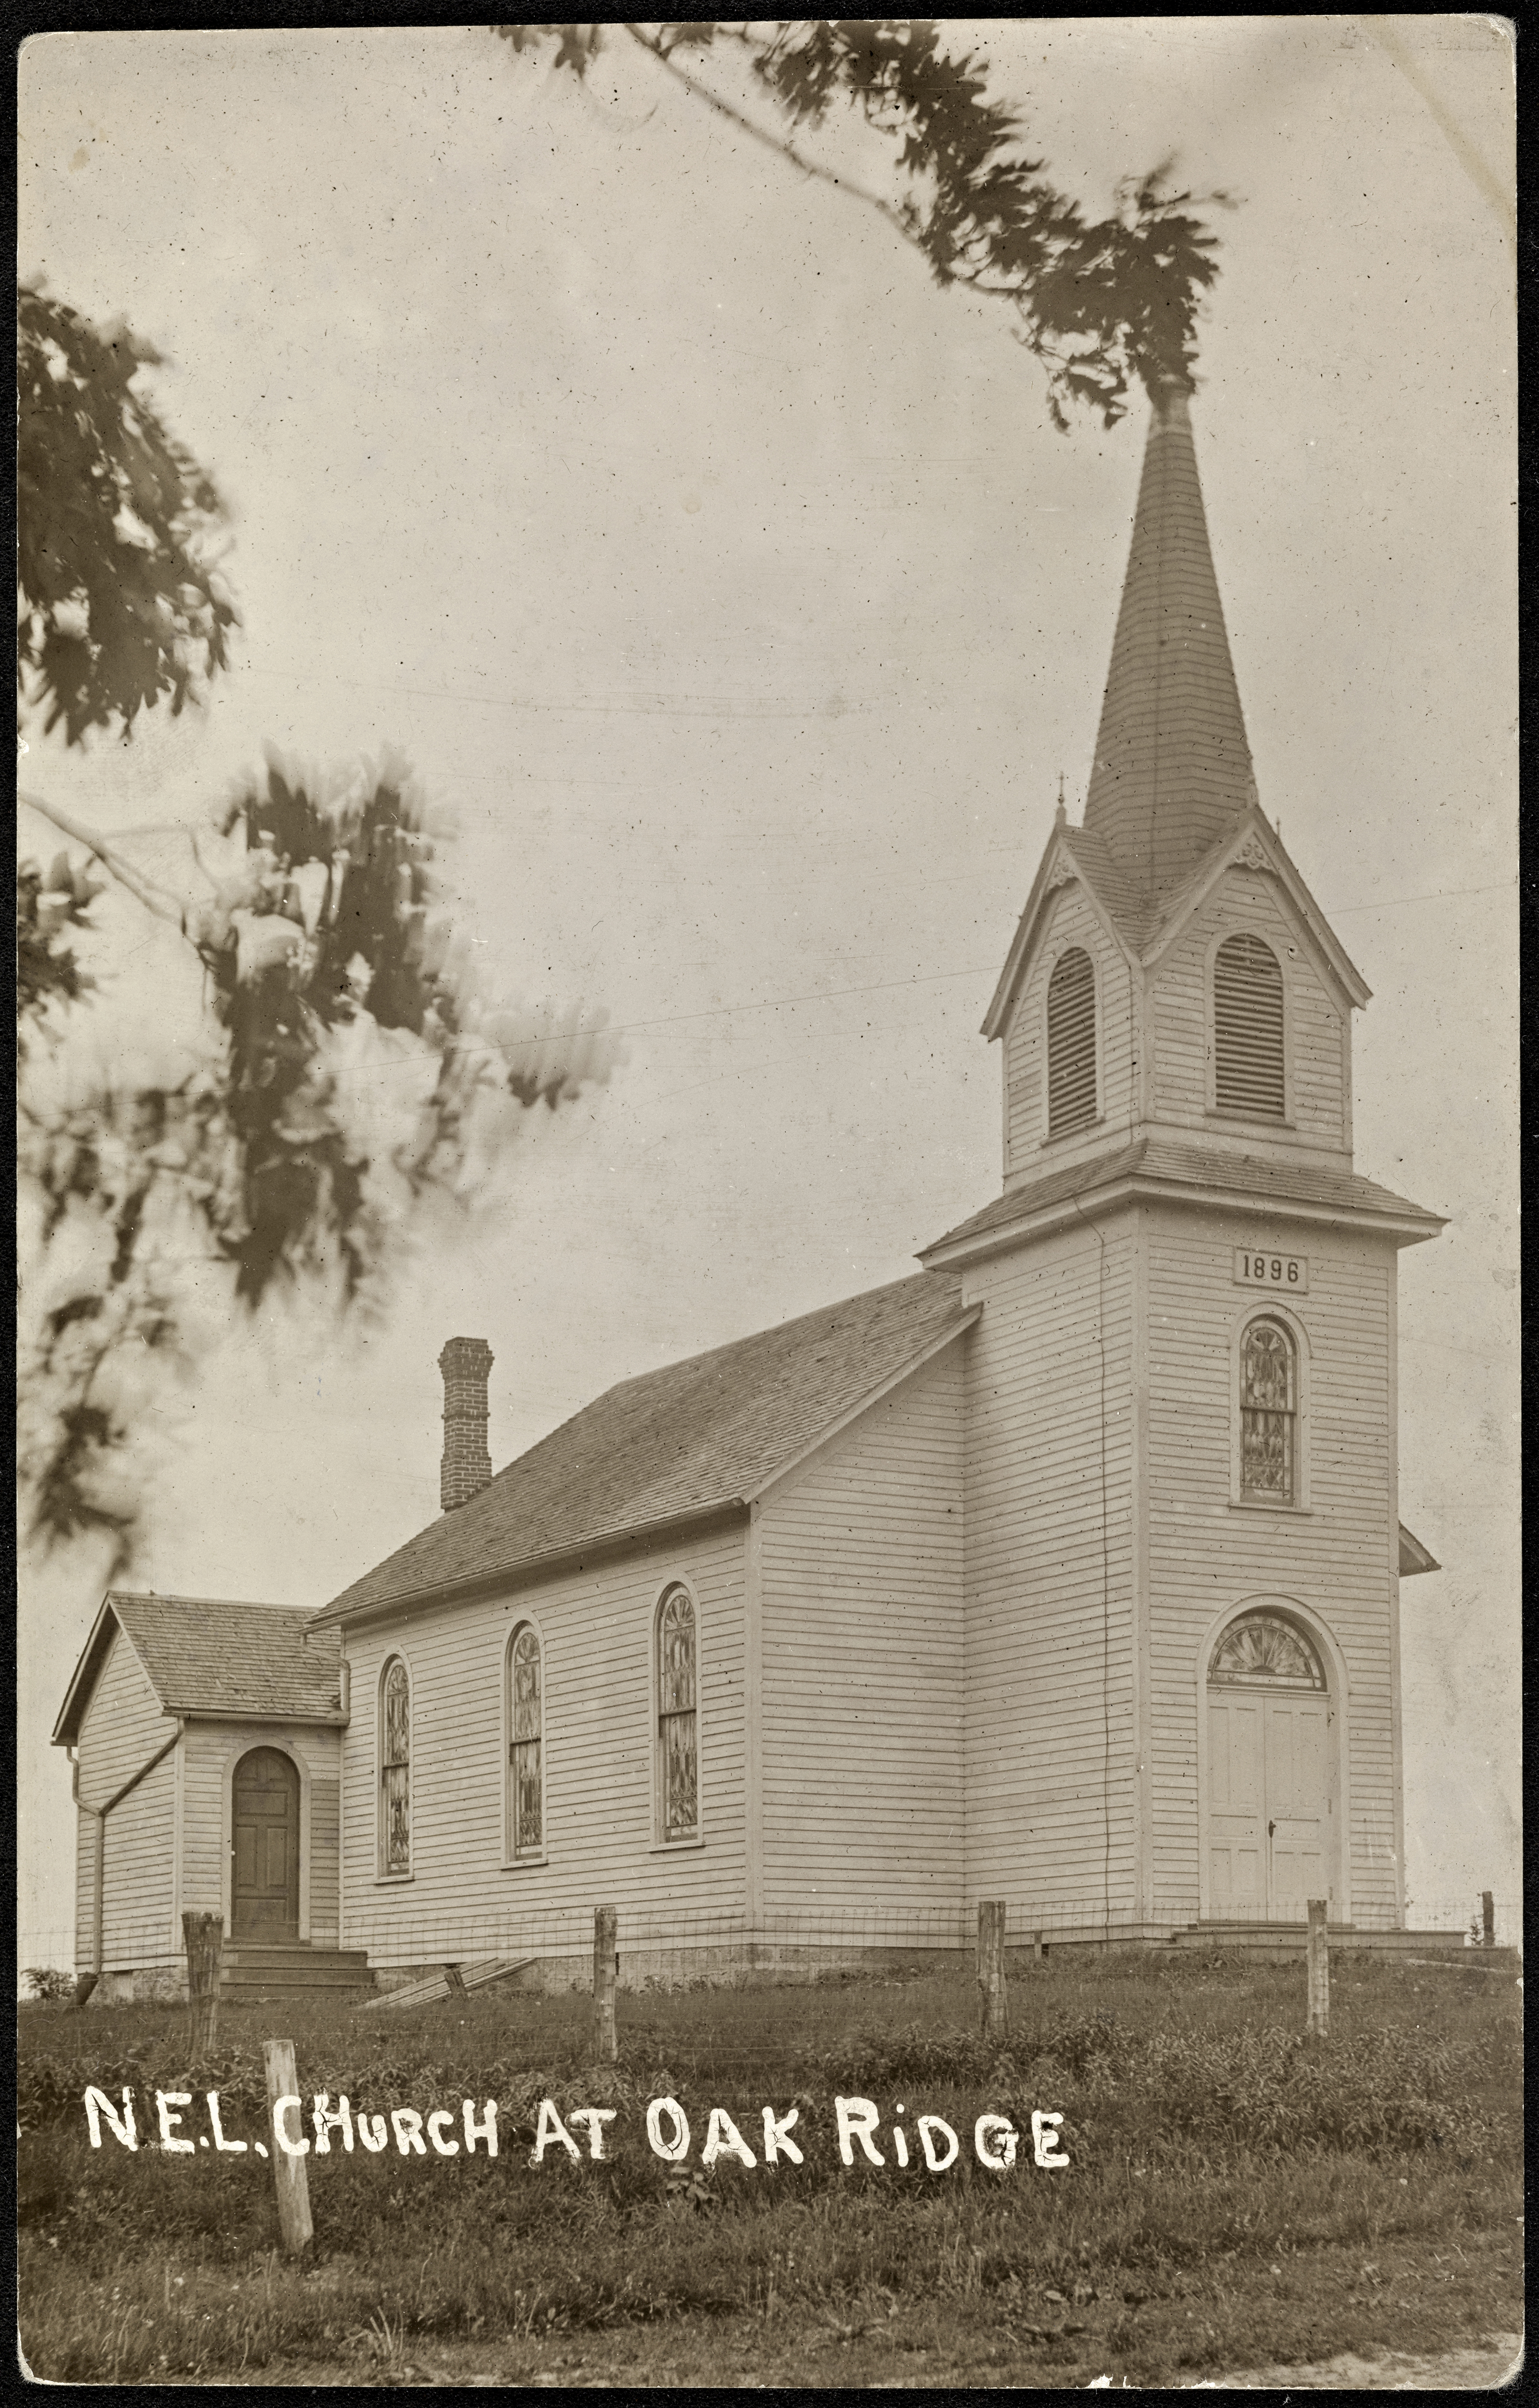 N. E. L. Church at Oak Ridge